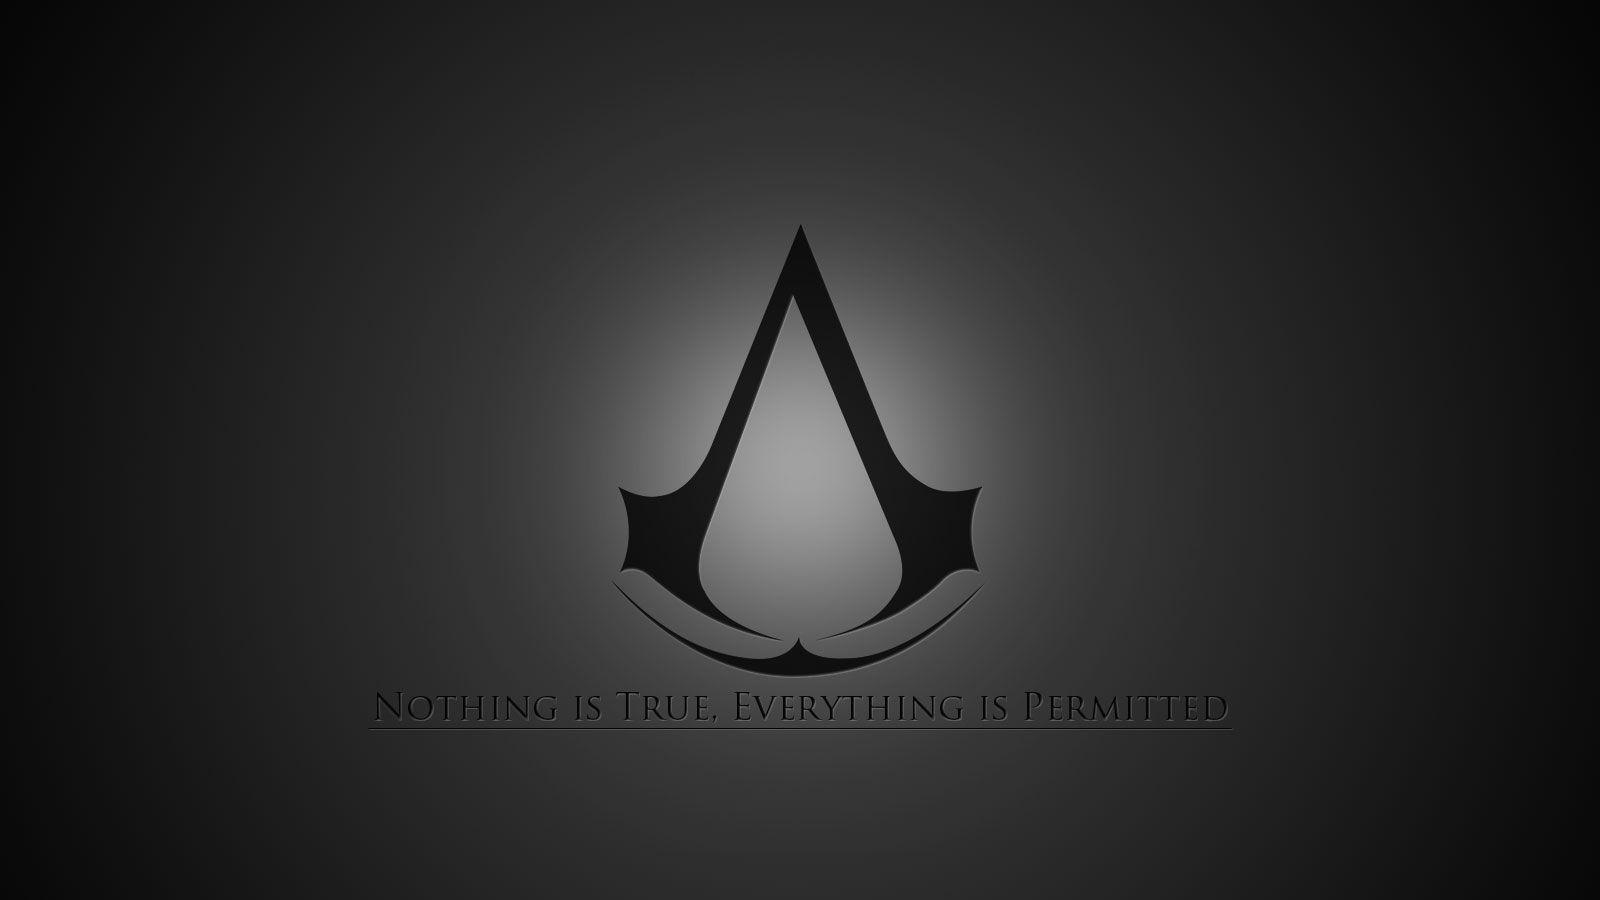 15 Cool Assassins Creed Wallpapers Assassins Creed Logo Assassin S Creed Wallpaper Assassins Creed